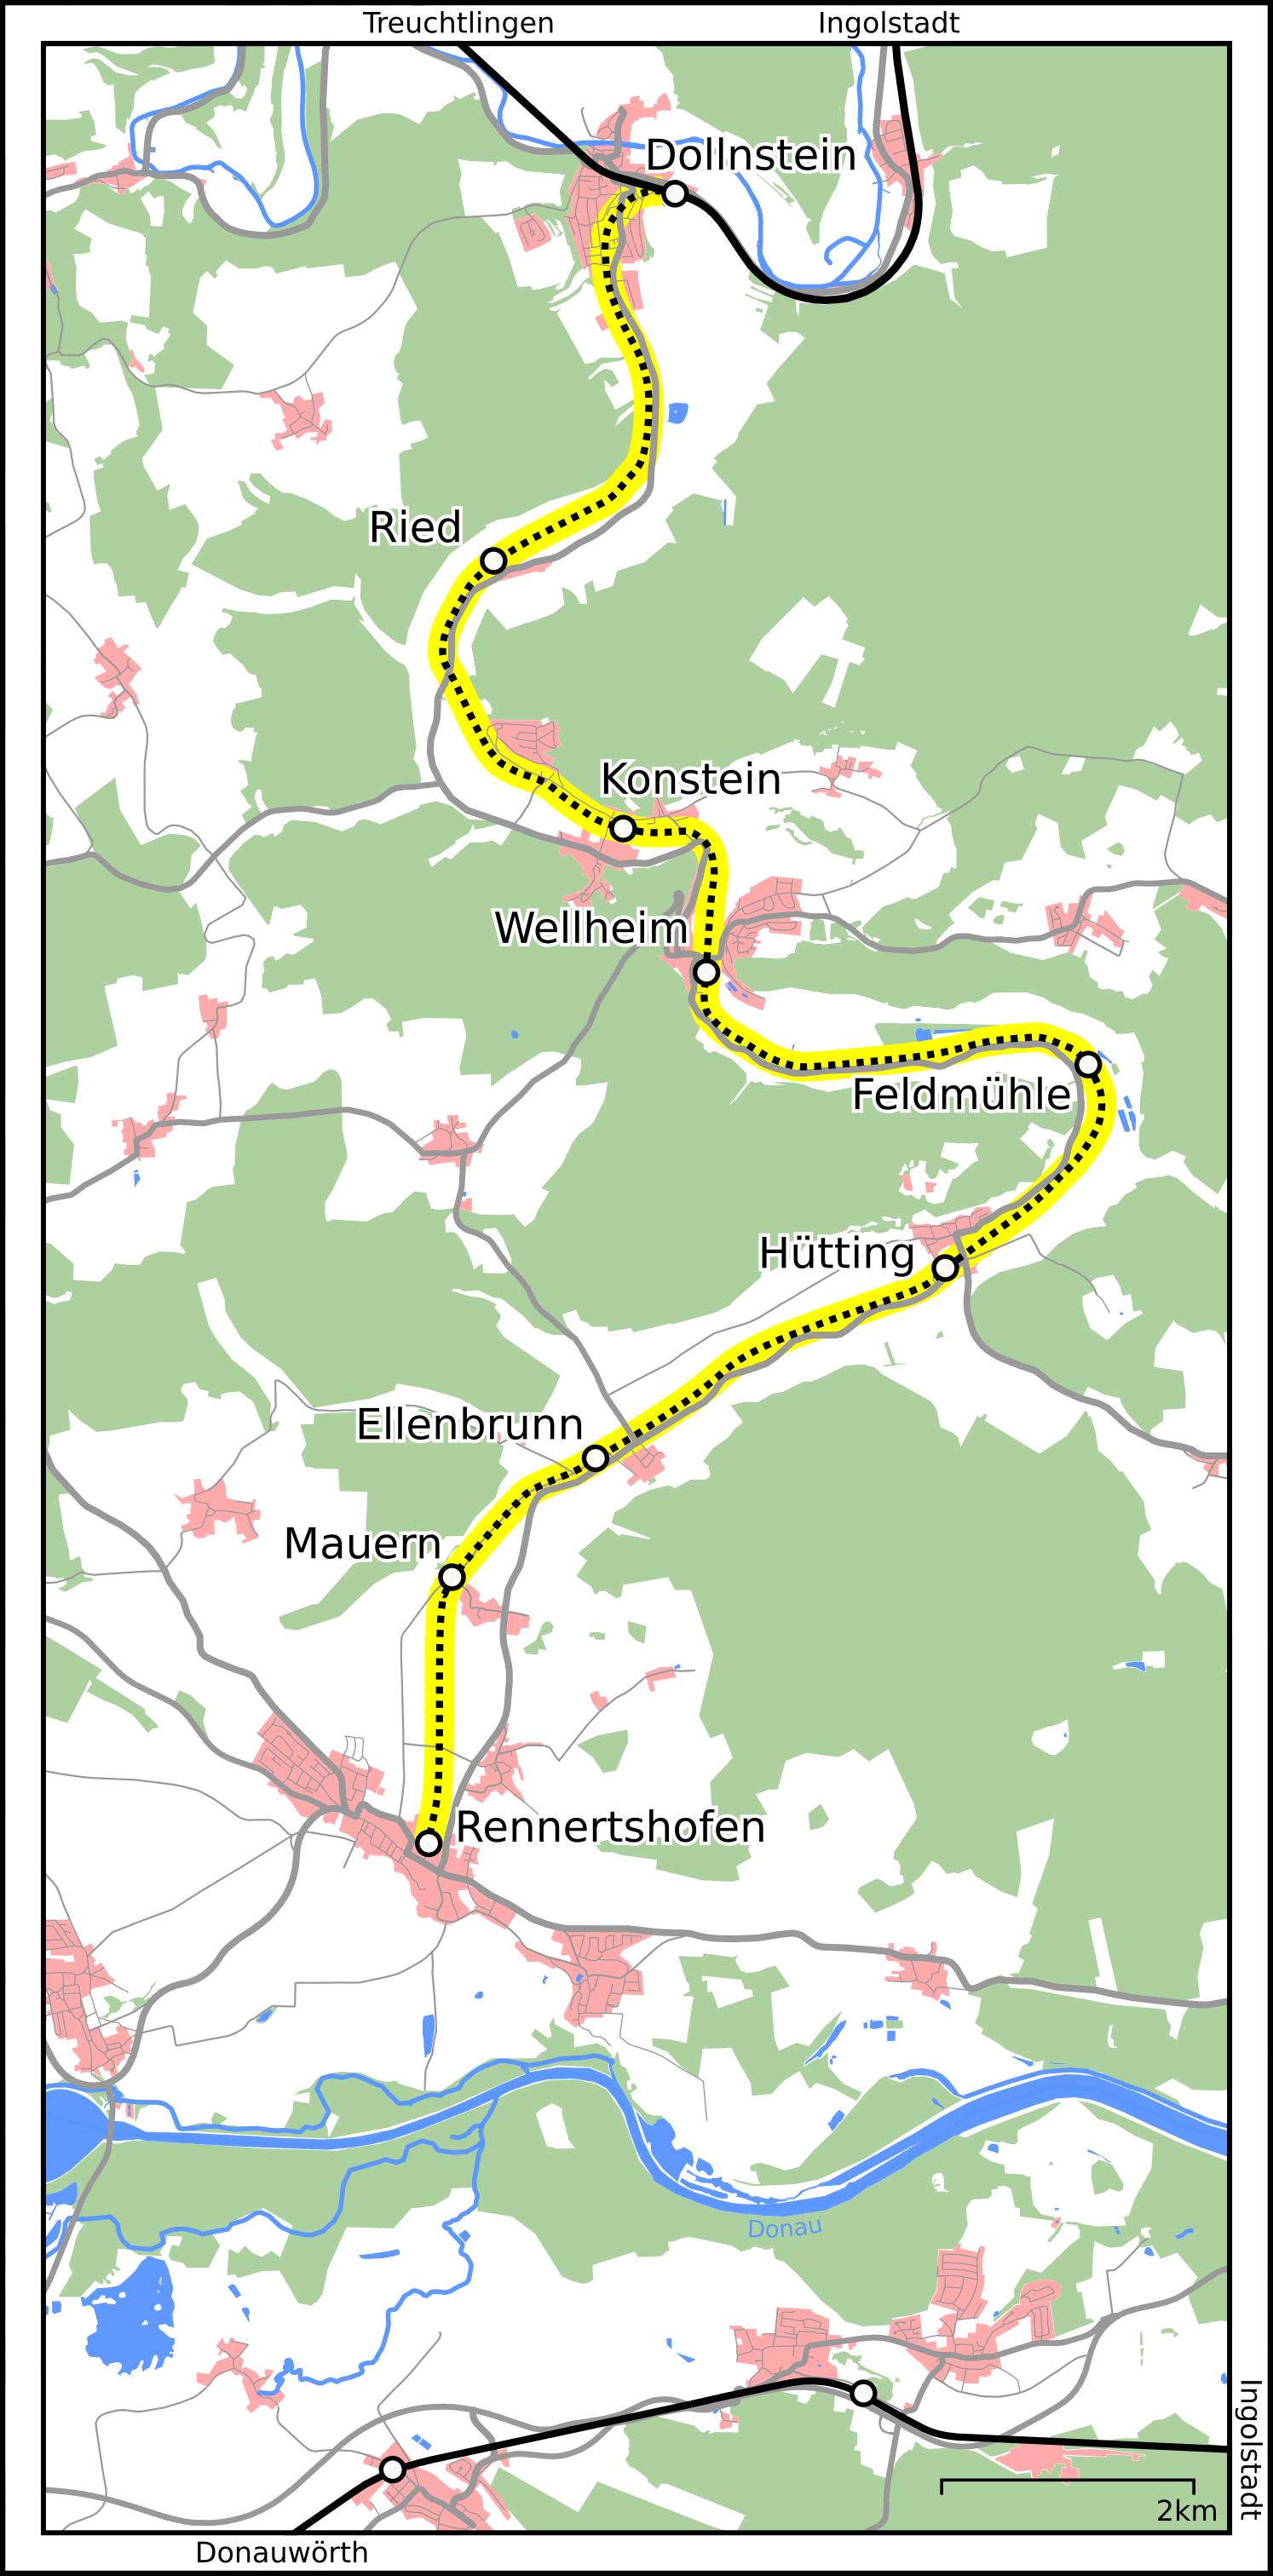 Bahnstrecke Dollnsteinrennertshofen Wikipedia